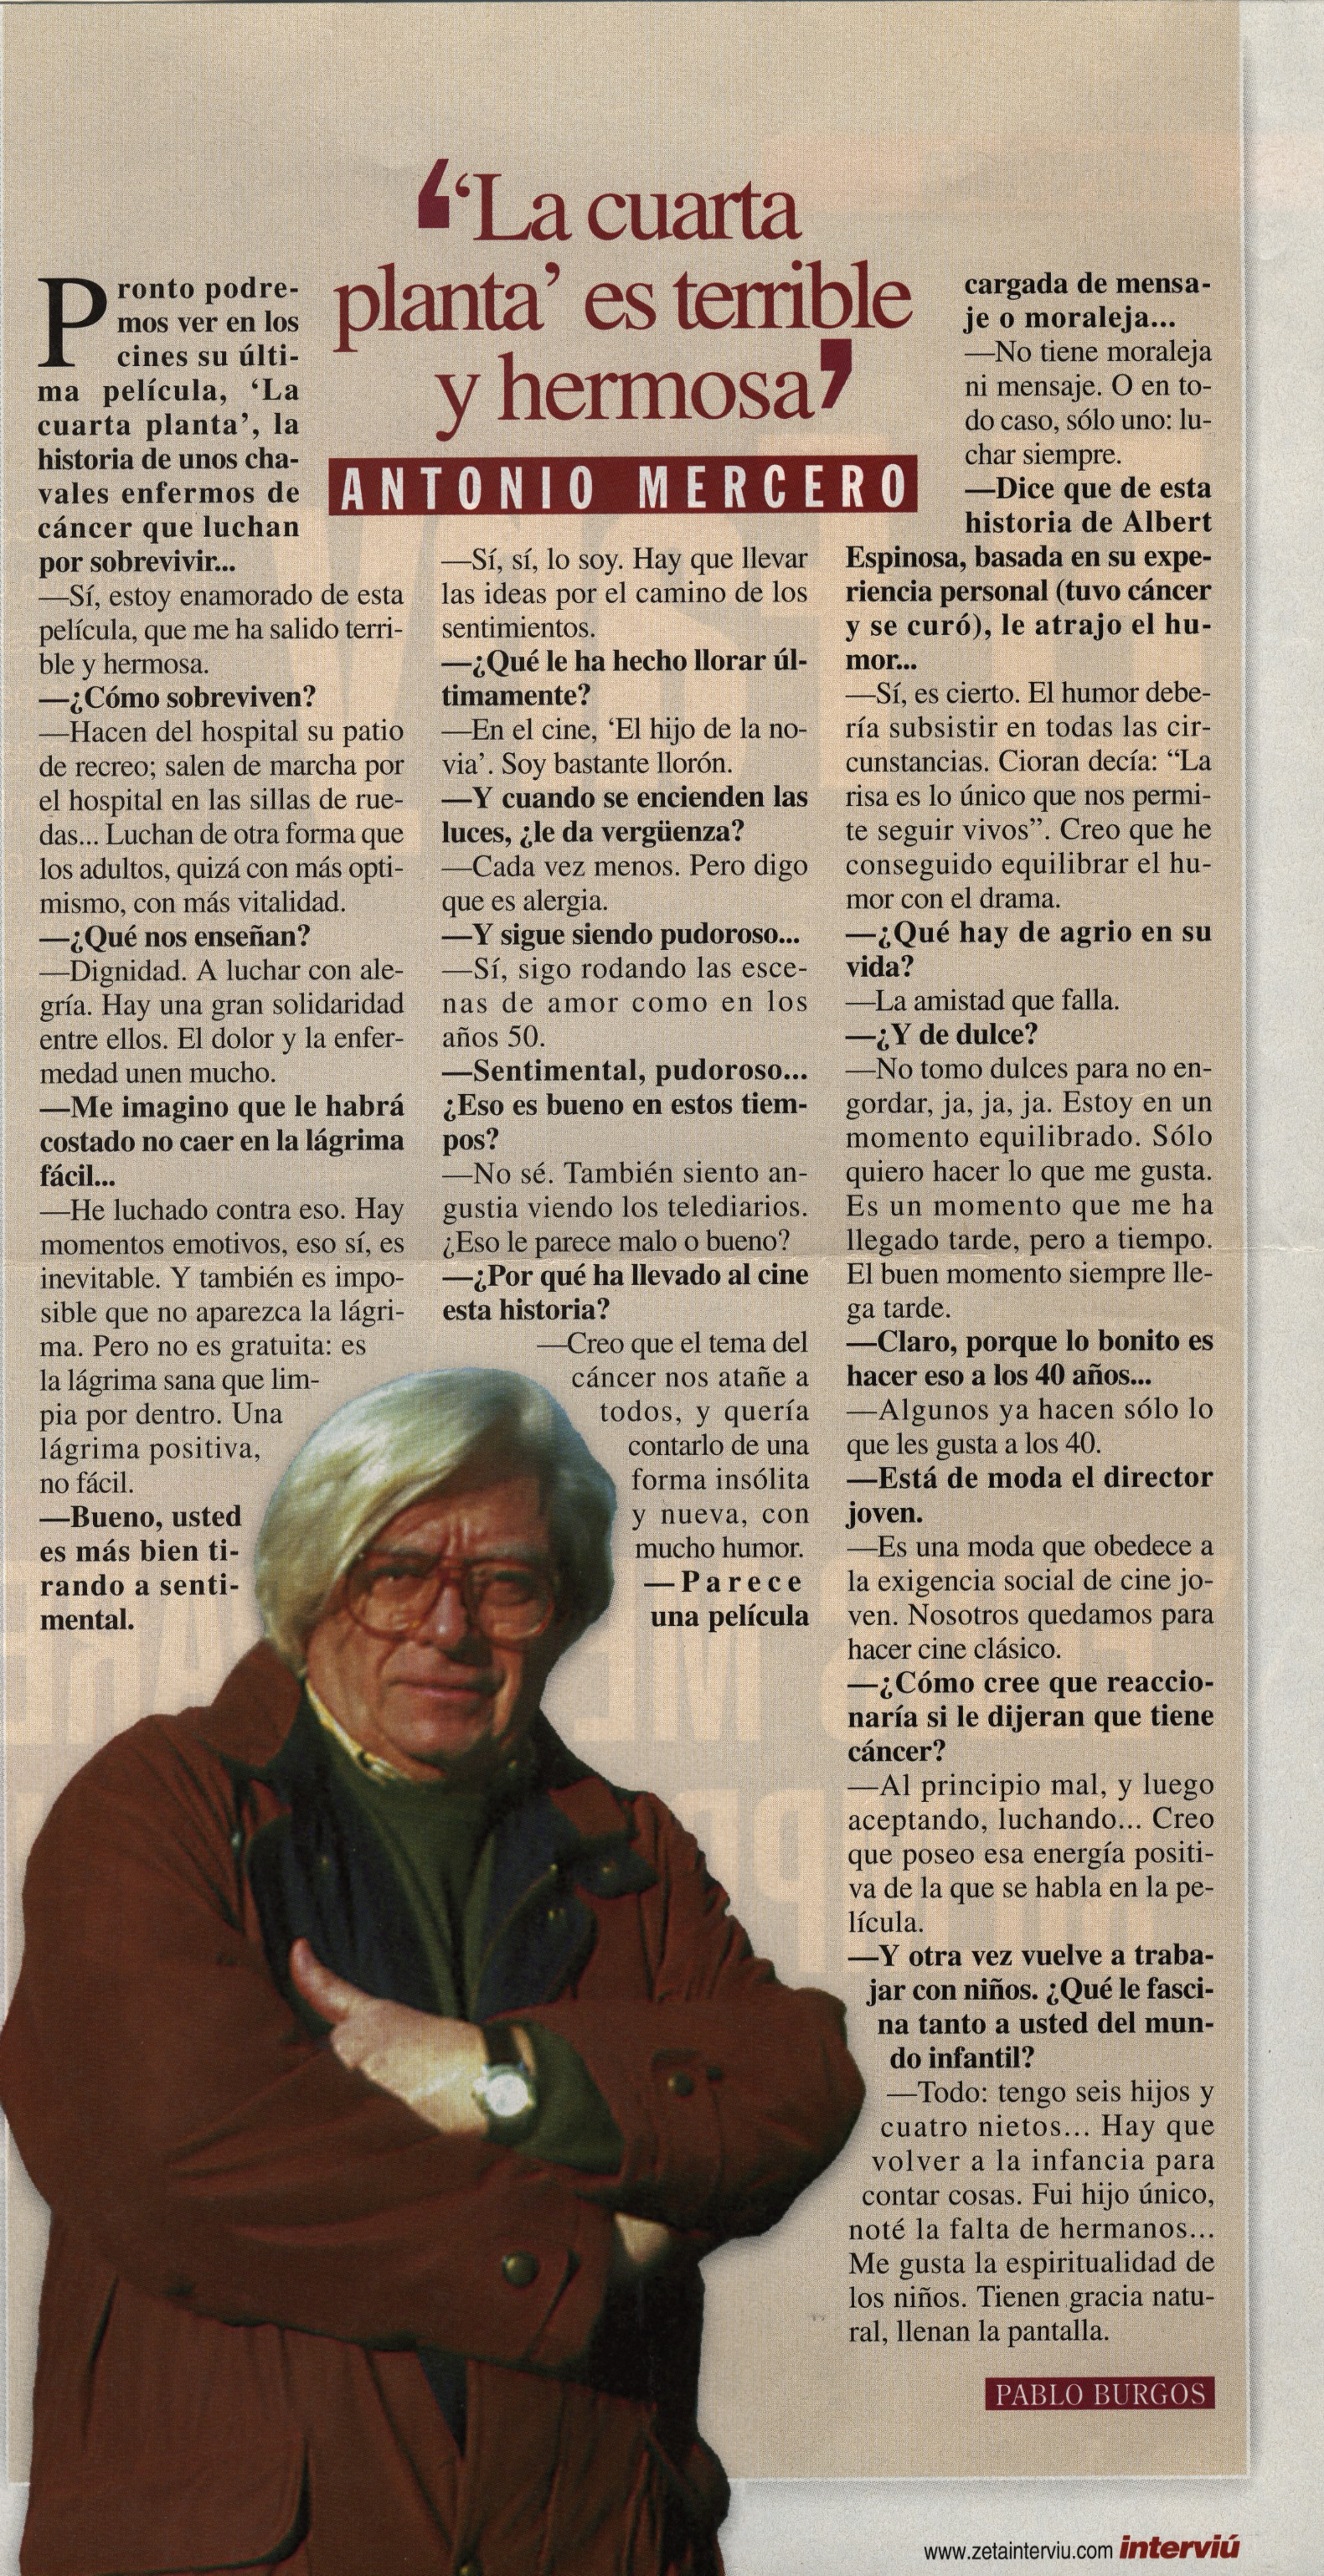 Antonio Mercero Virtual museum - Planta cuarta